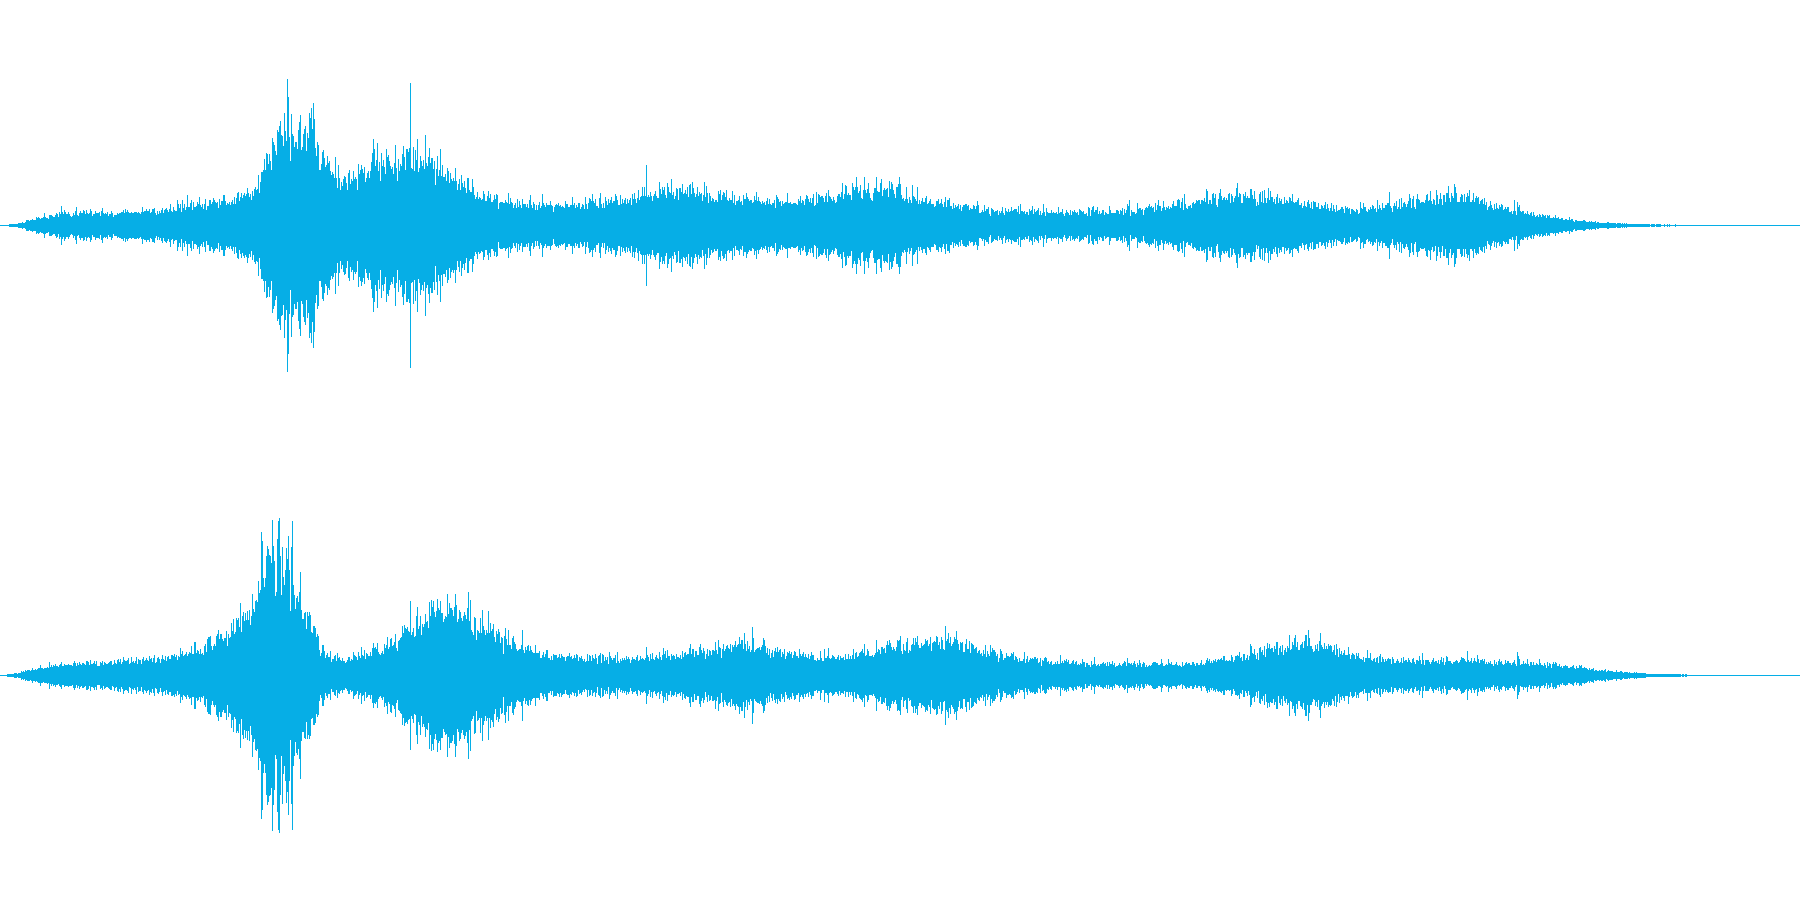 【生録音】 早朝の街 交通 環境音 15の再生済みの波形